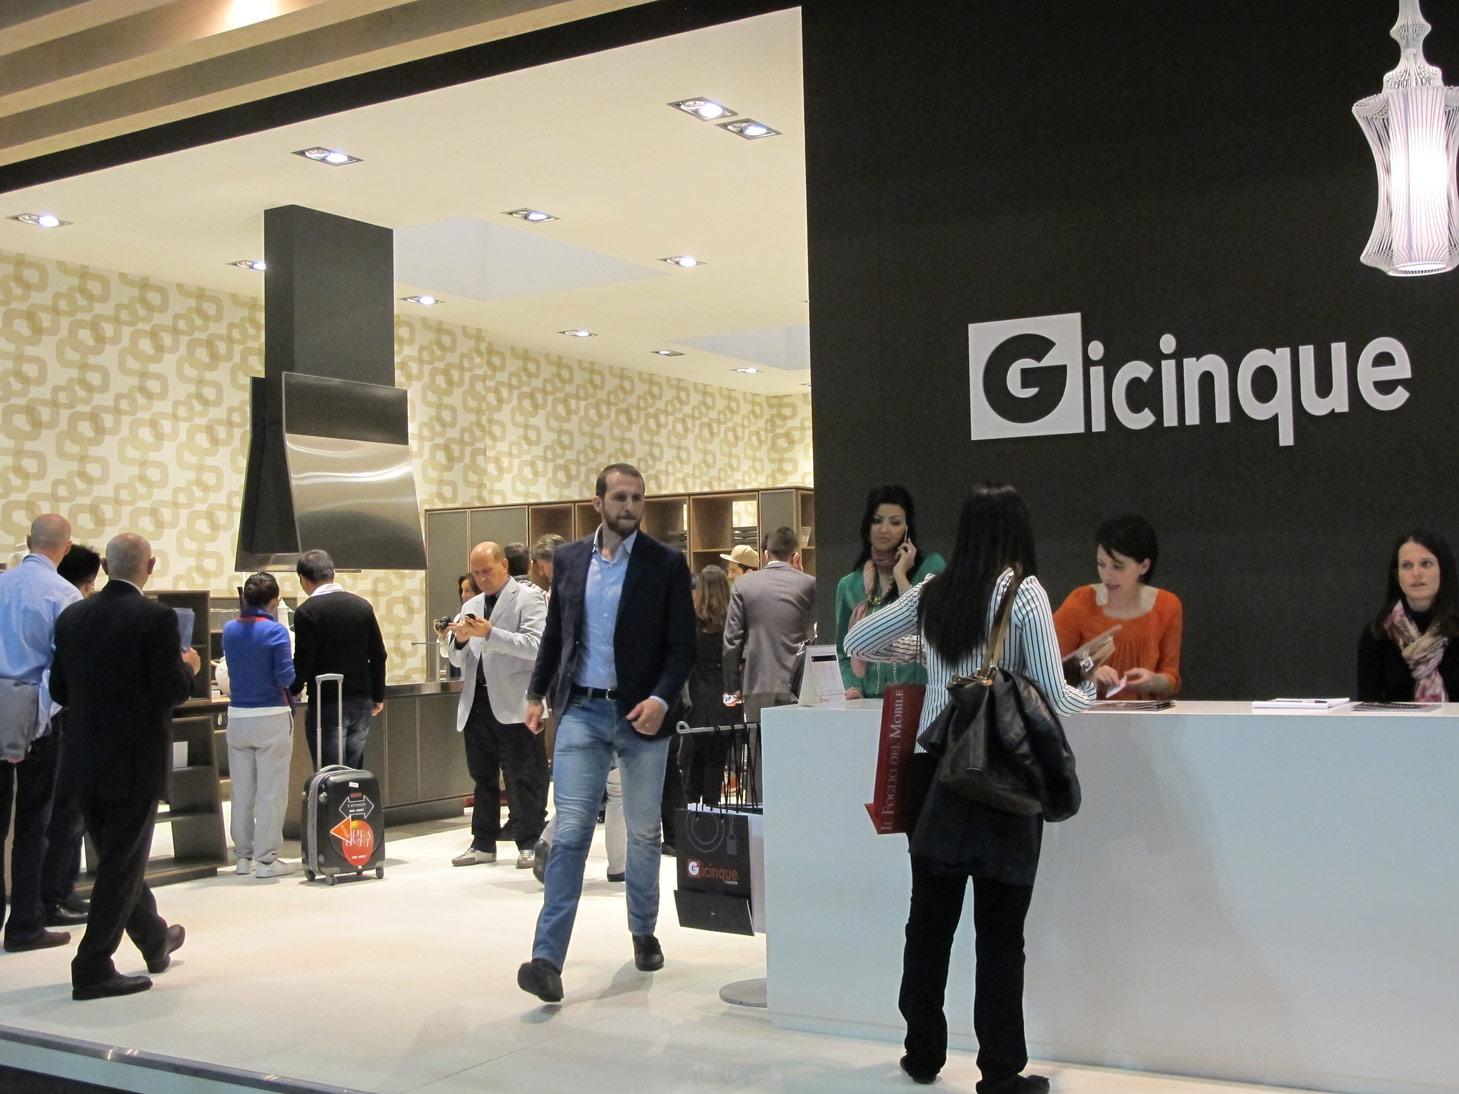 Stand gicinque salone del mobile 2012 gicinque cucine for Pultrone arredamenti